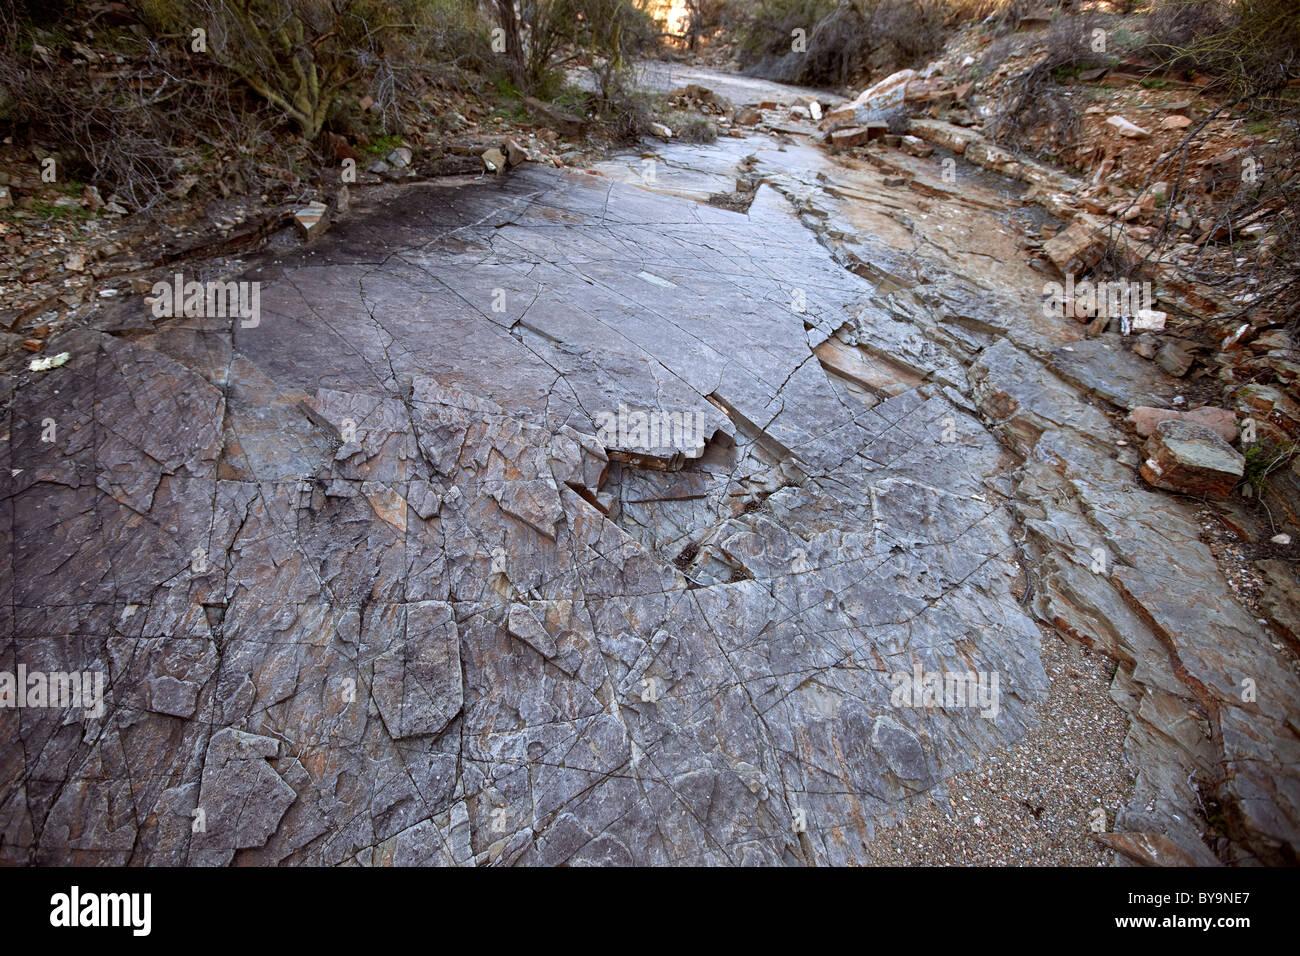 Ancient seabed, Tucson Mountains, Tucson, Arizona Stock Photo